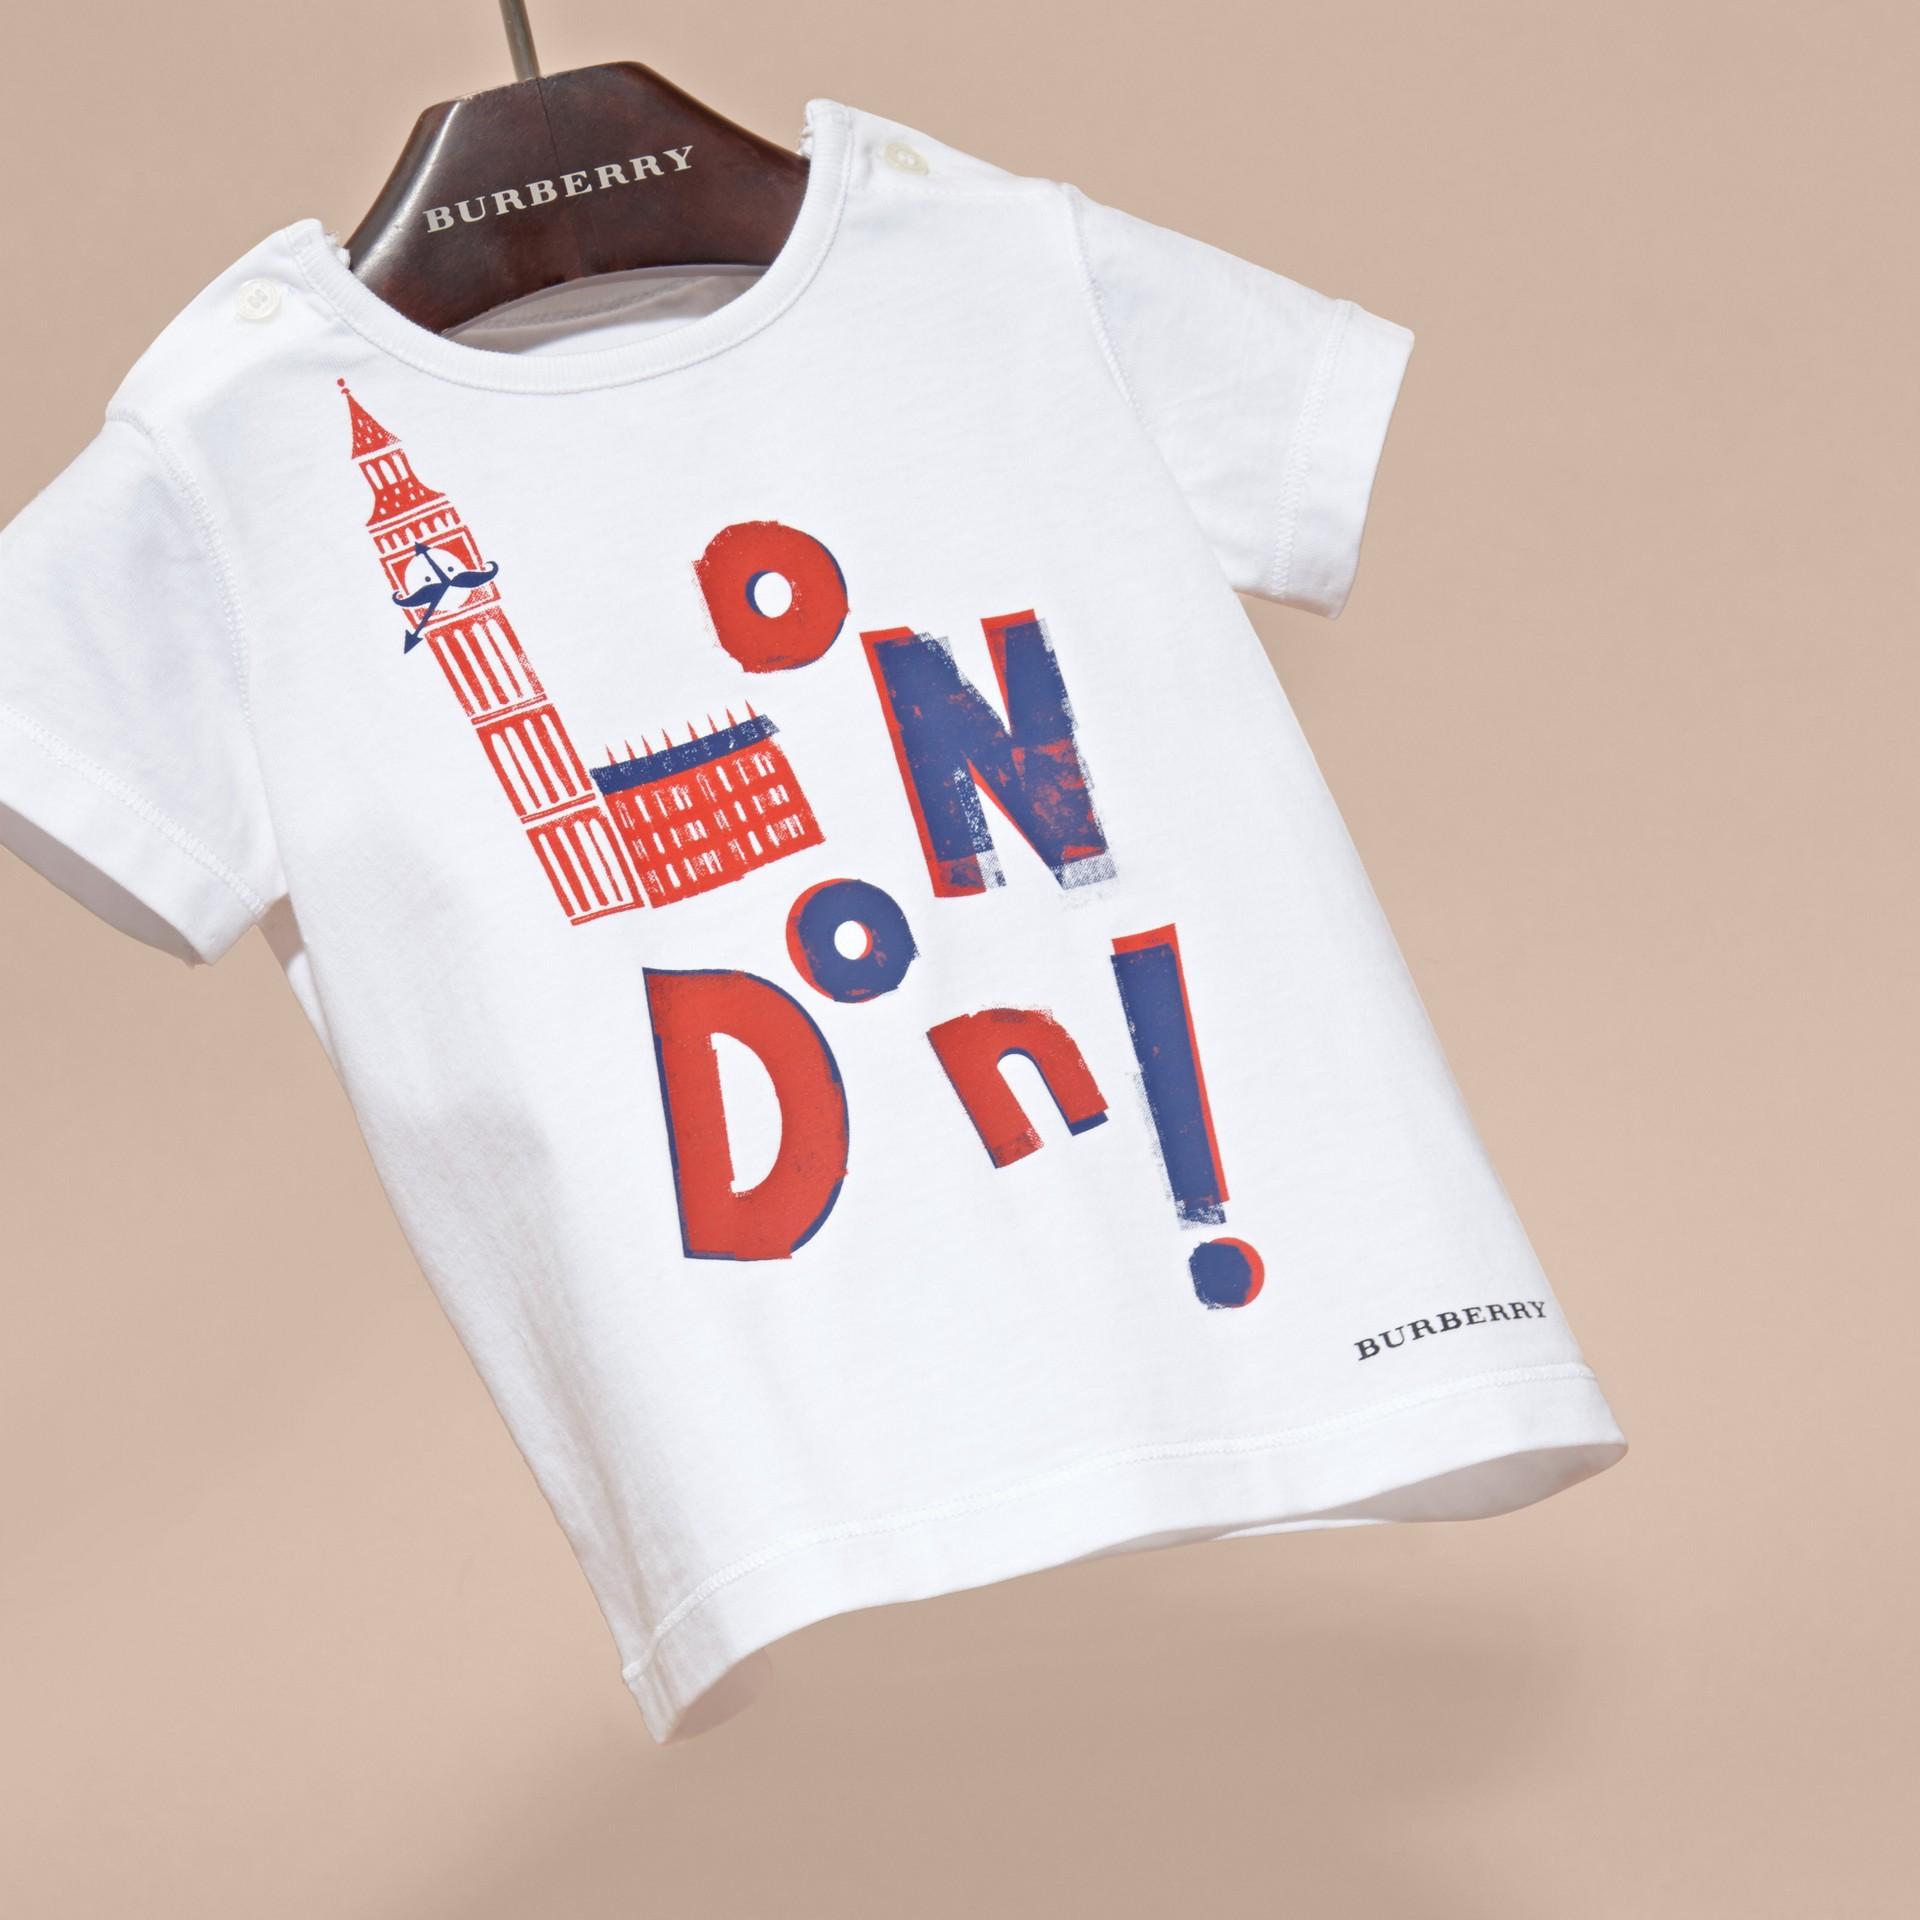 Rosso parata T-shirt in cotone con motivo London - immagine della galleria 3